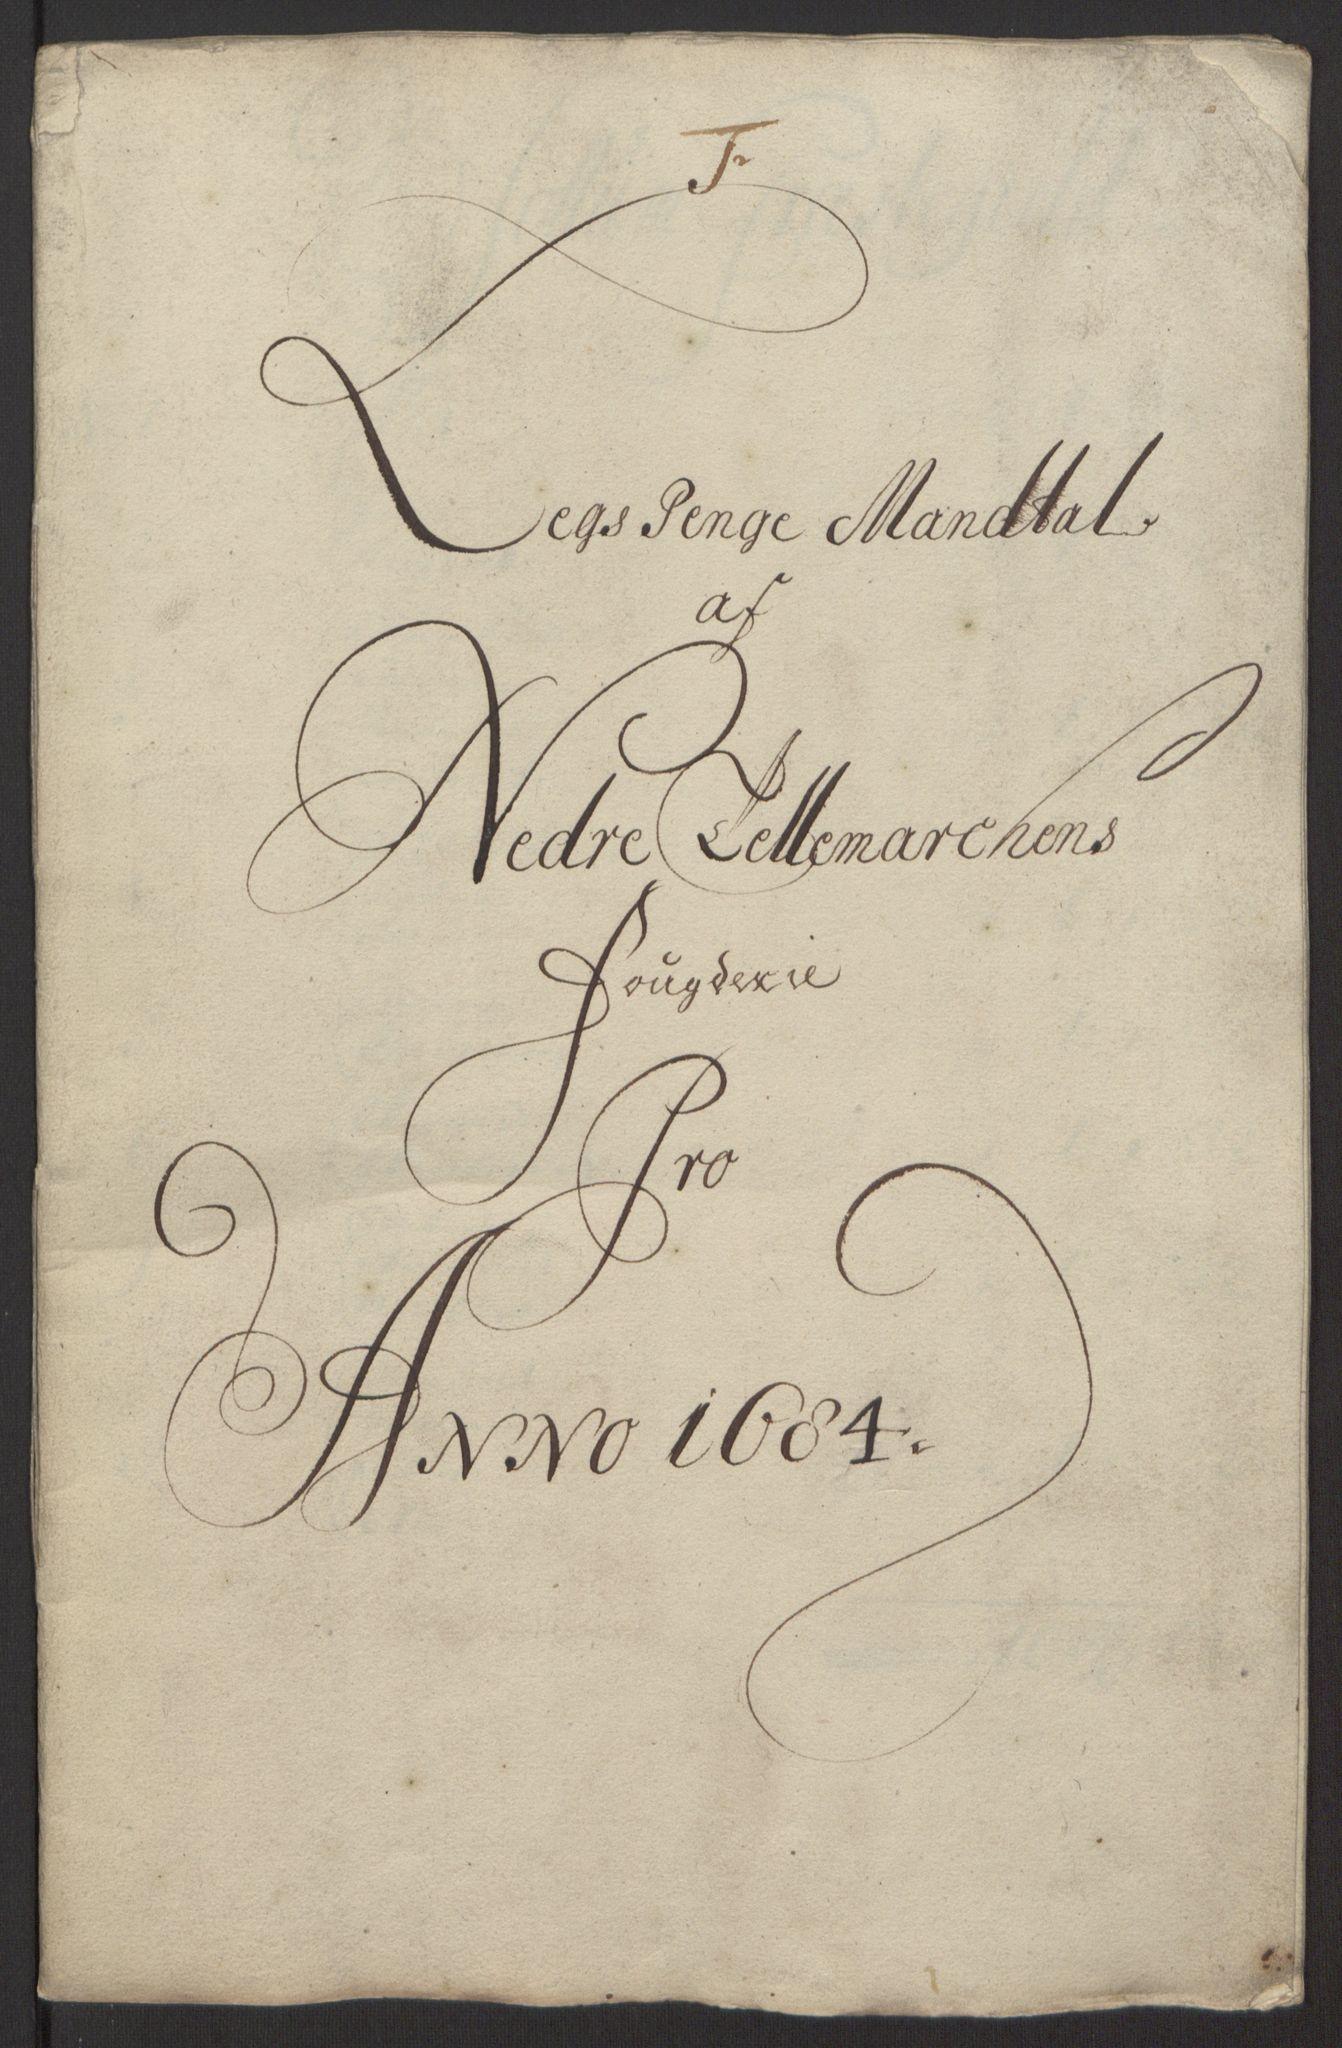 RA, Rentekammeret inntil 1814, Reviderte regnskaper, Fogderegnskap, R35/L2081: Fogderegnskap Øvre og Nedre Telemark, 1680-1684, s. 122